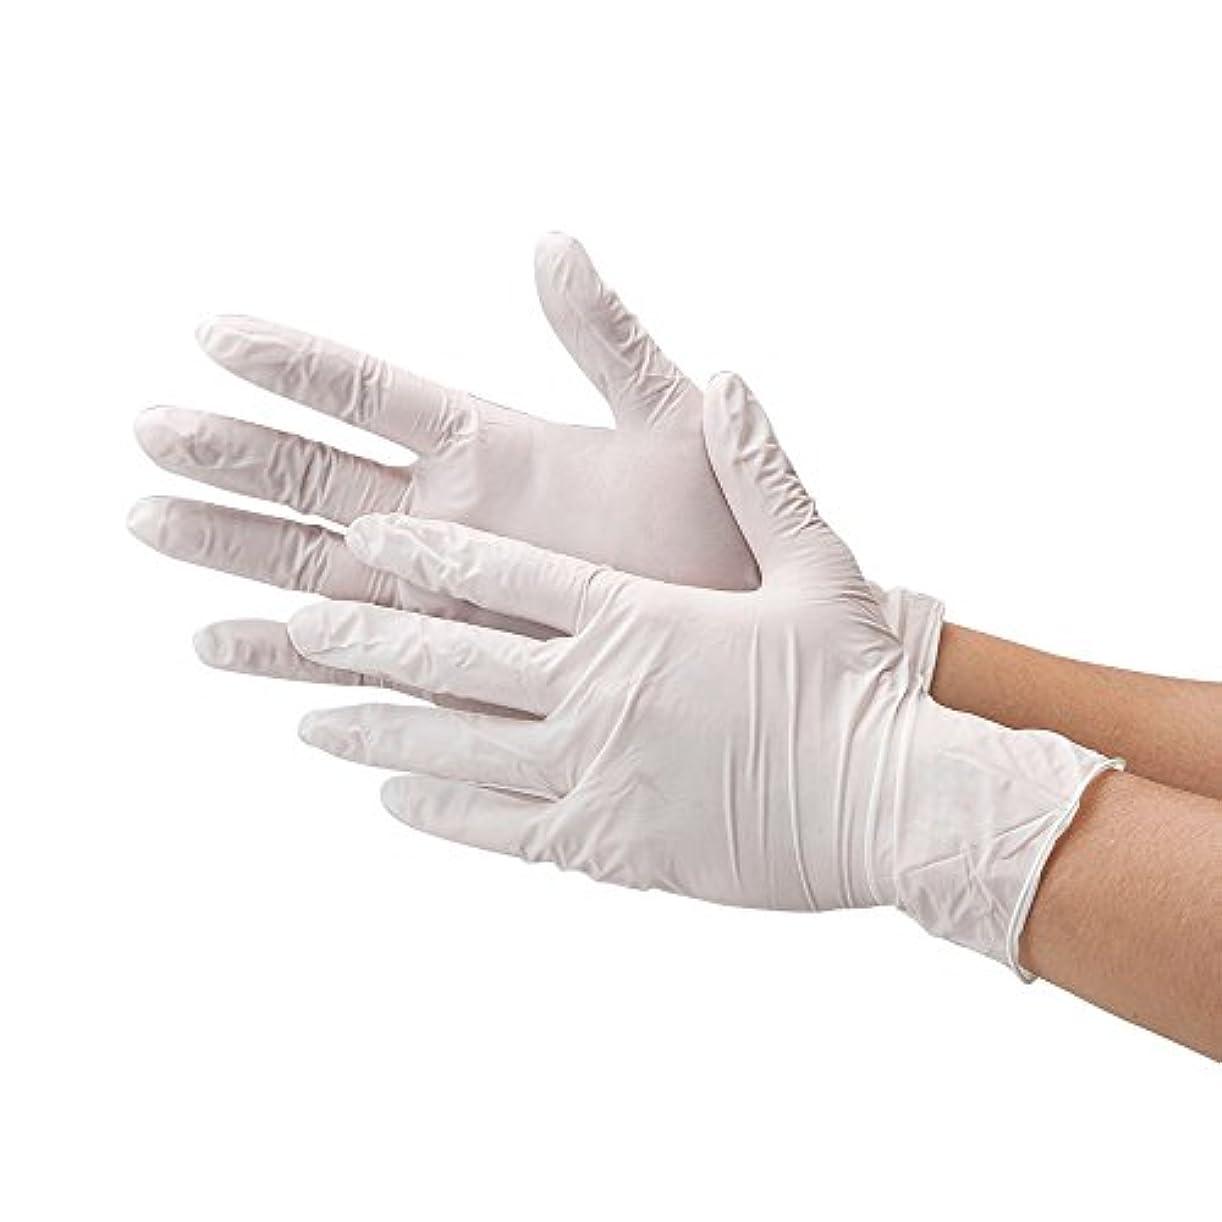 ぺディカブ海里たぶん使い捨て手袋 まるで素手の様な感覚で作業ができる 極薄 ゴム手袋 100枚入り 白 ホワイト 粉あり (サイズ:M) 左右兼用 食品衛生法適合品